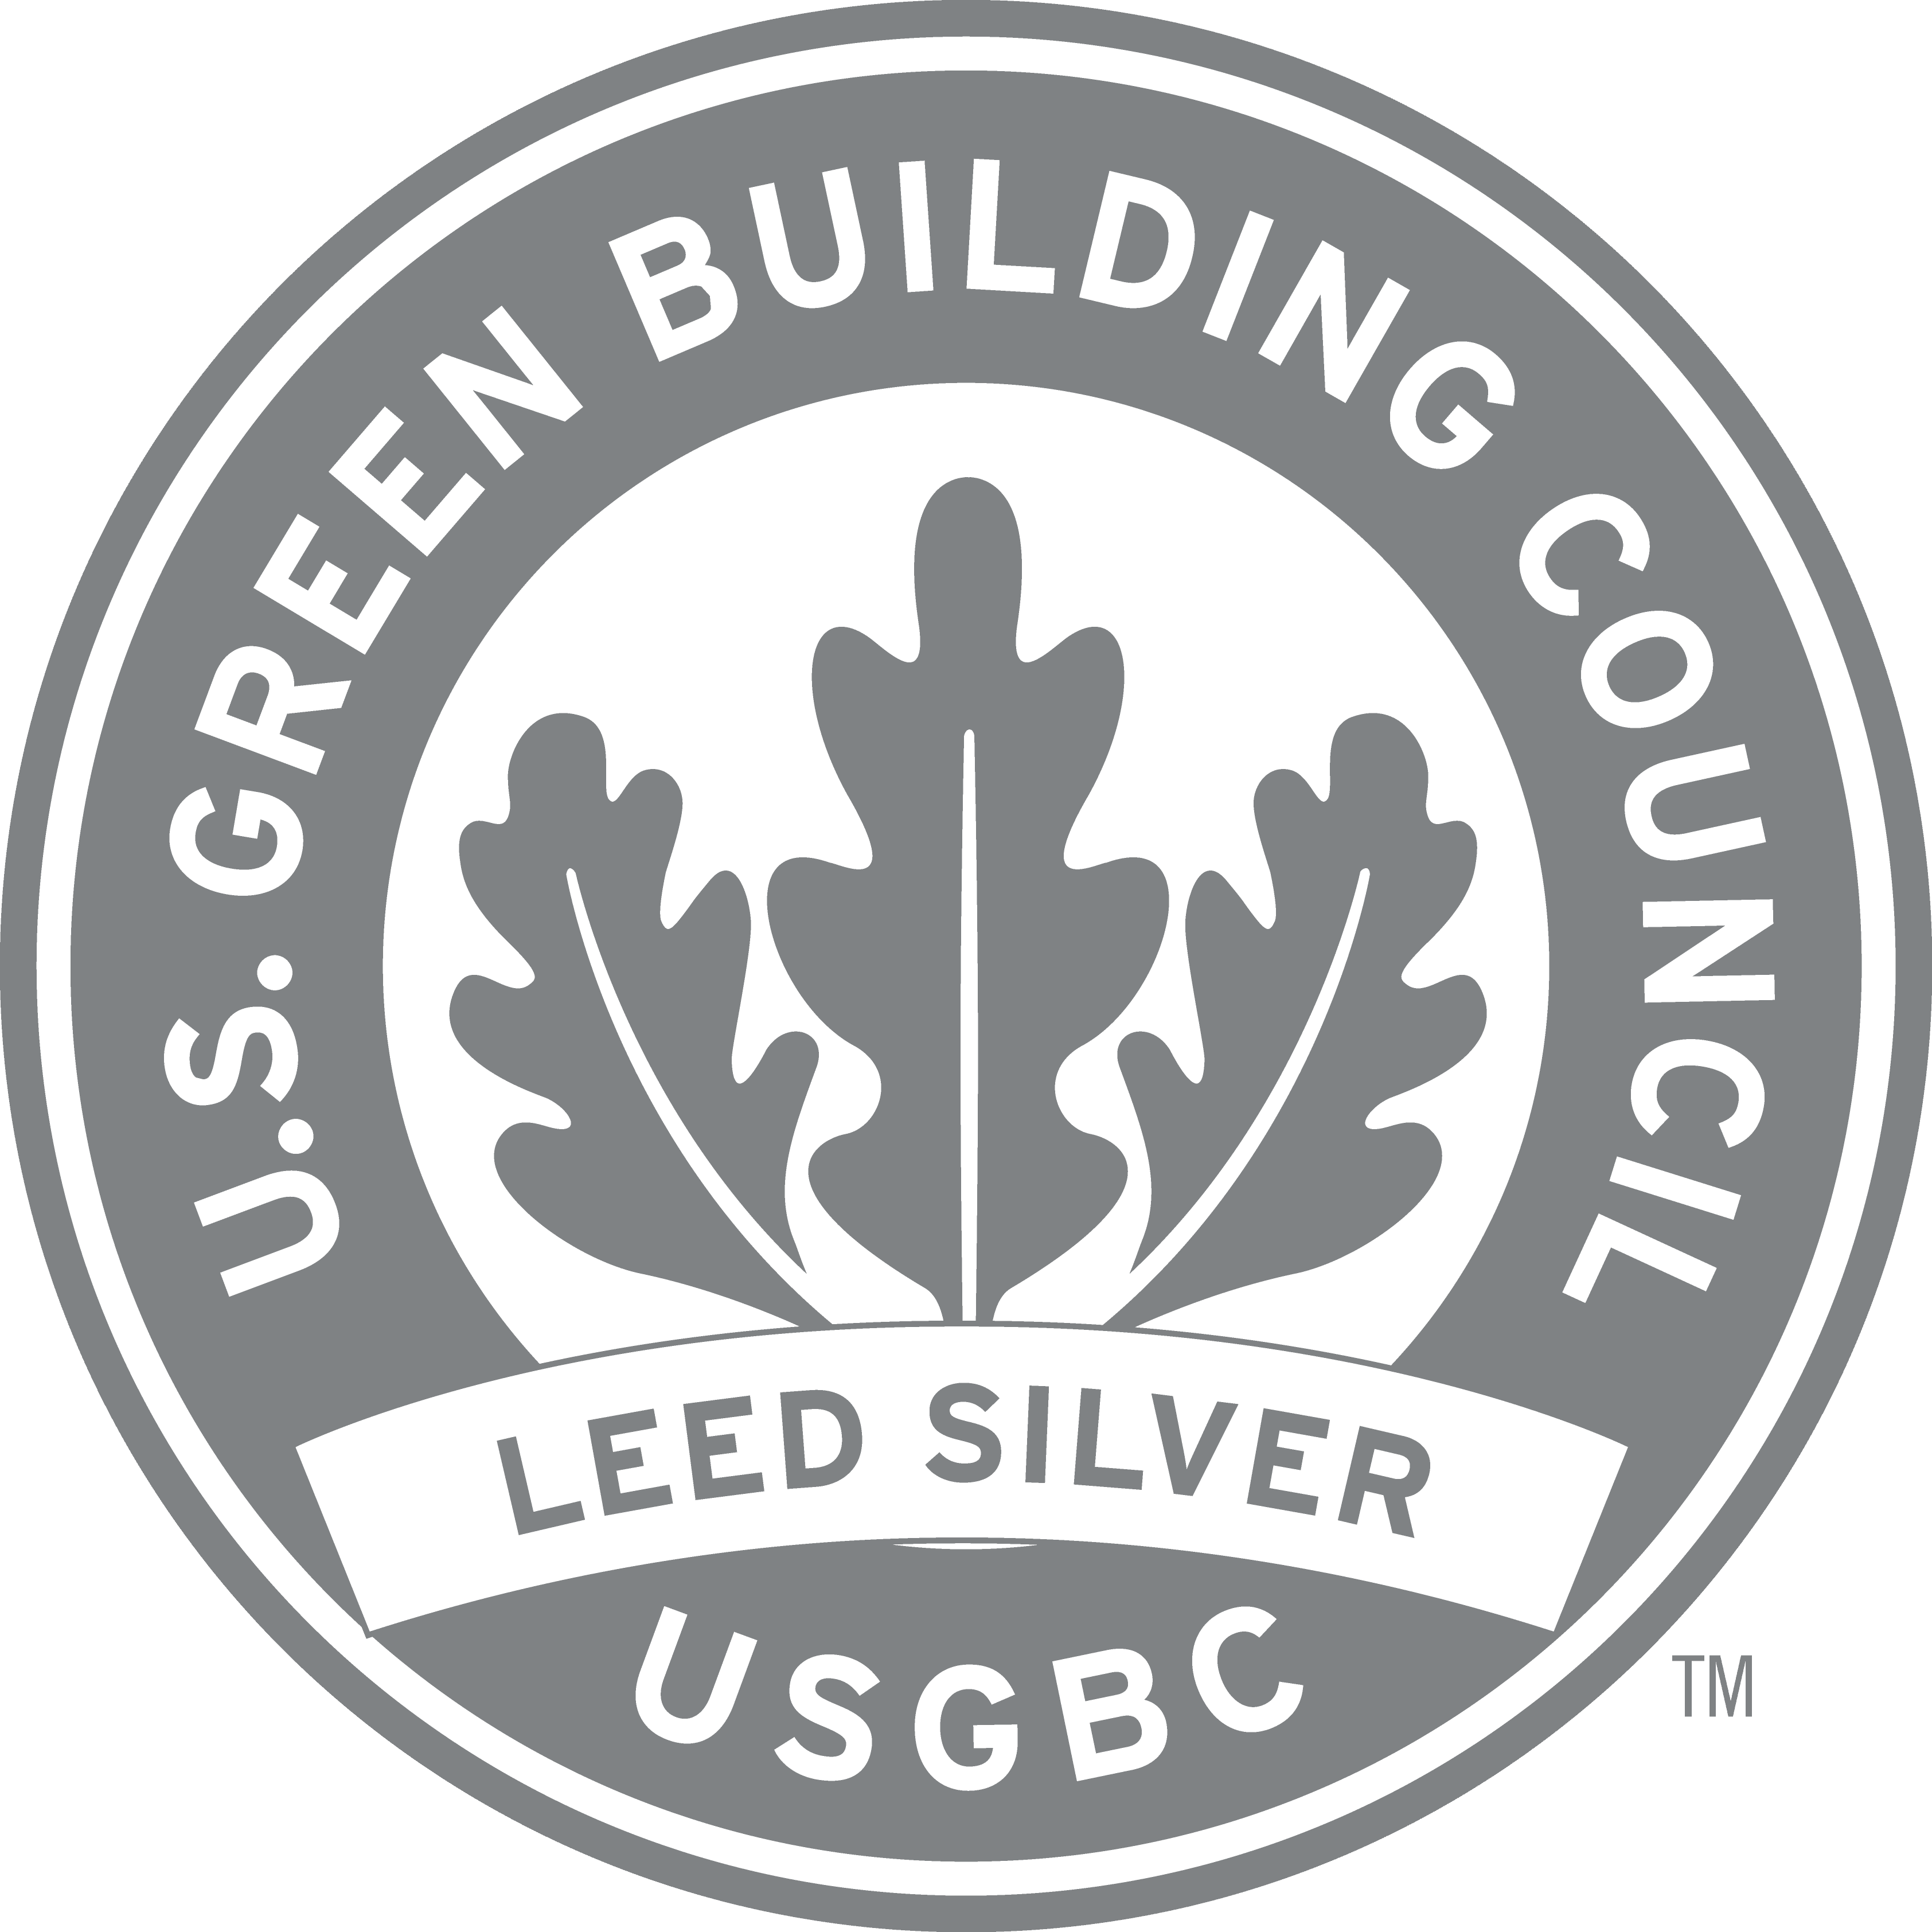 USGBC LEED Silver certified